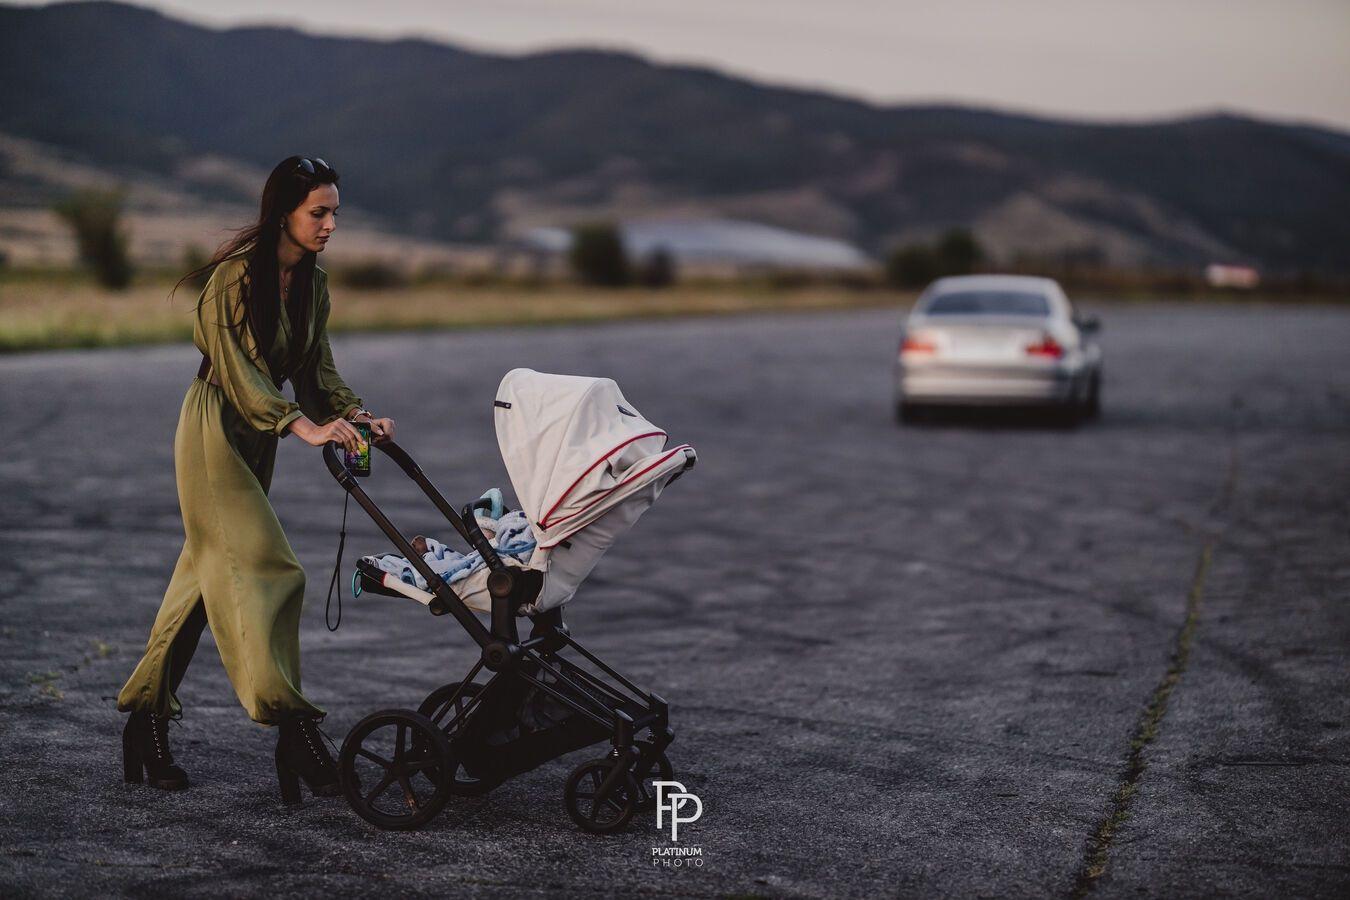 Както виждате - и тя бута количка  като всички останали майки